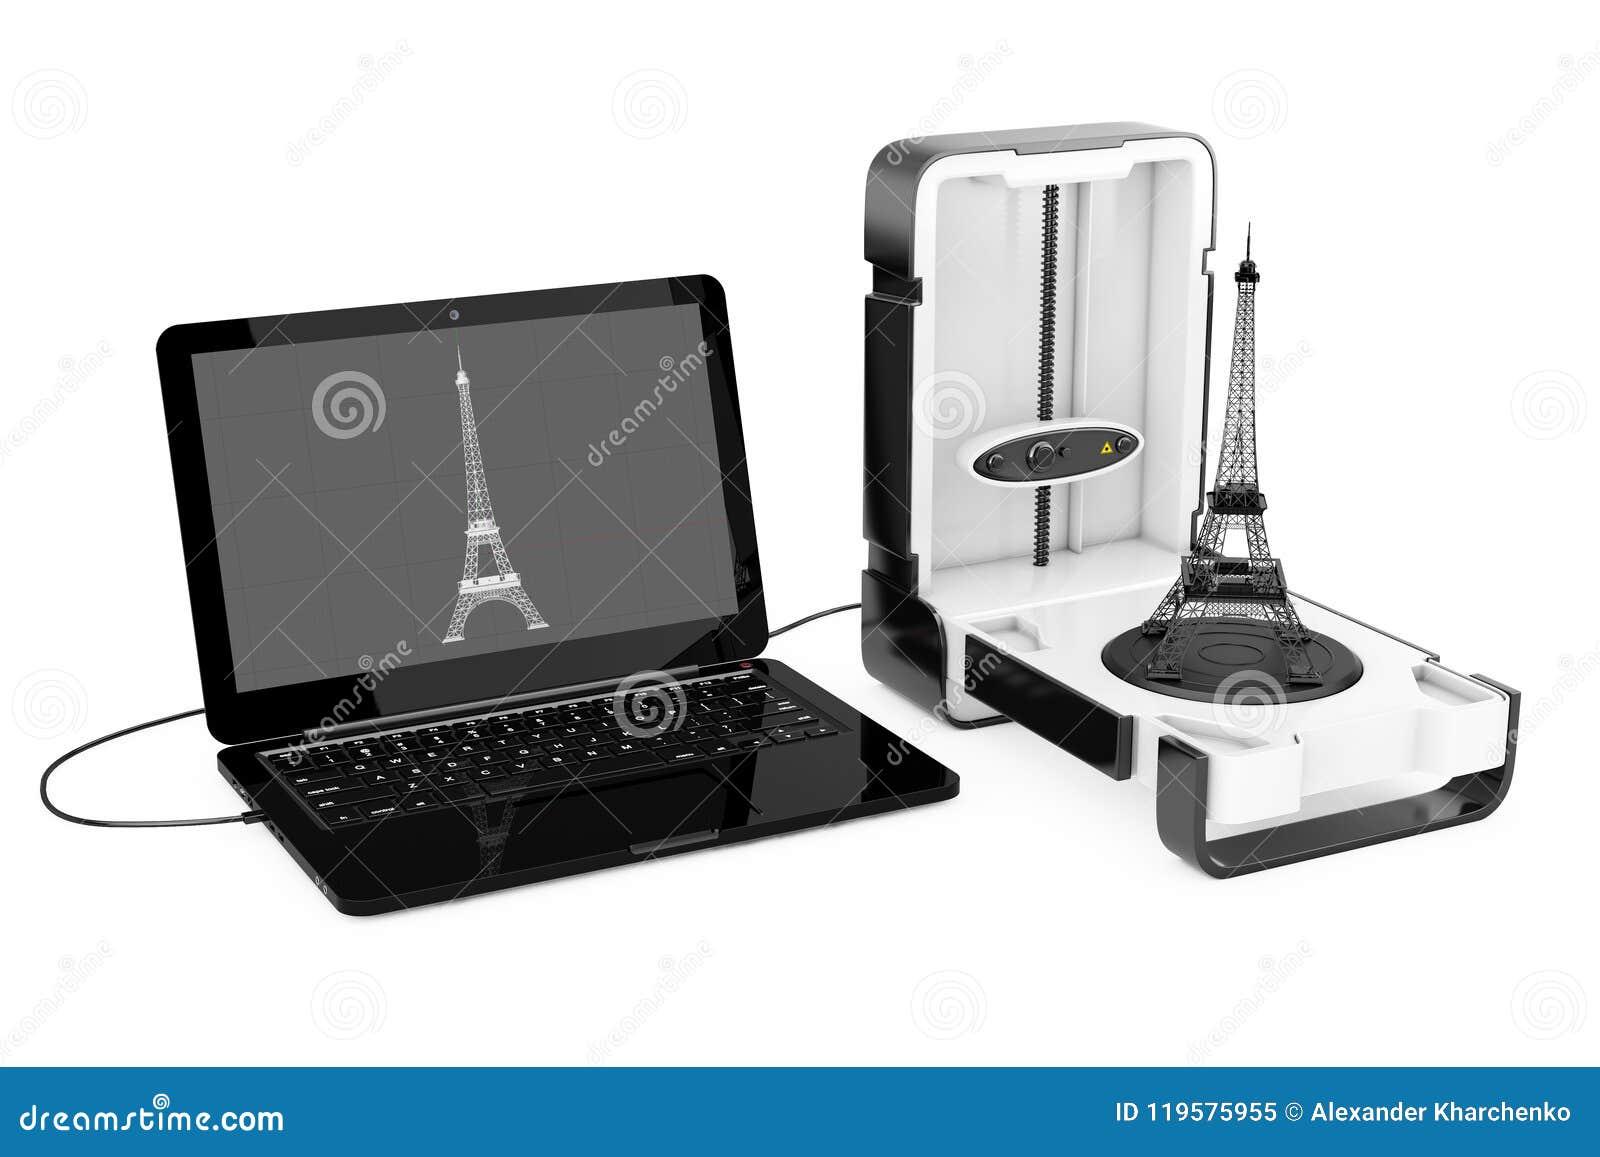 Ελεύθερος μόνιμος σύγχρονος εγχώριος τρισδιάστατος ανιχνευτής υπολογιστών γραφείου που συνδέεται με το lap-top